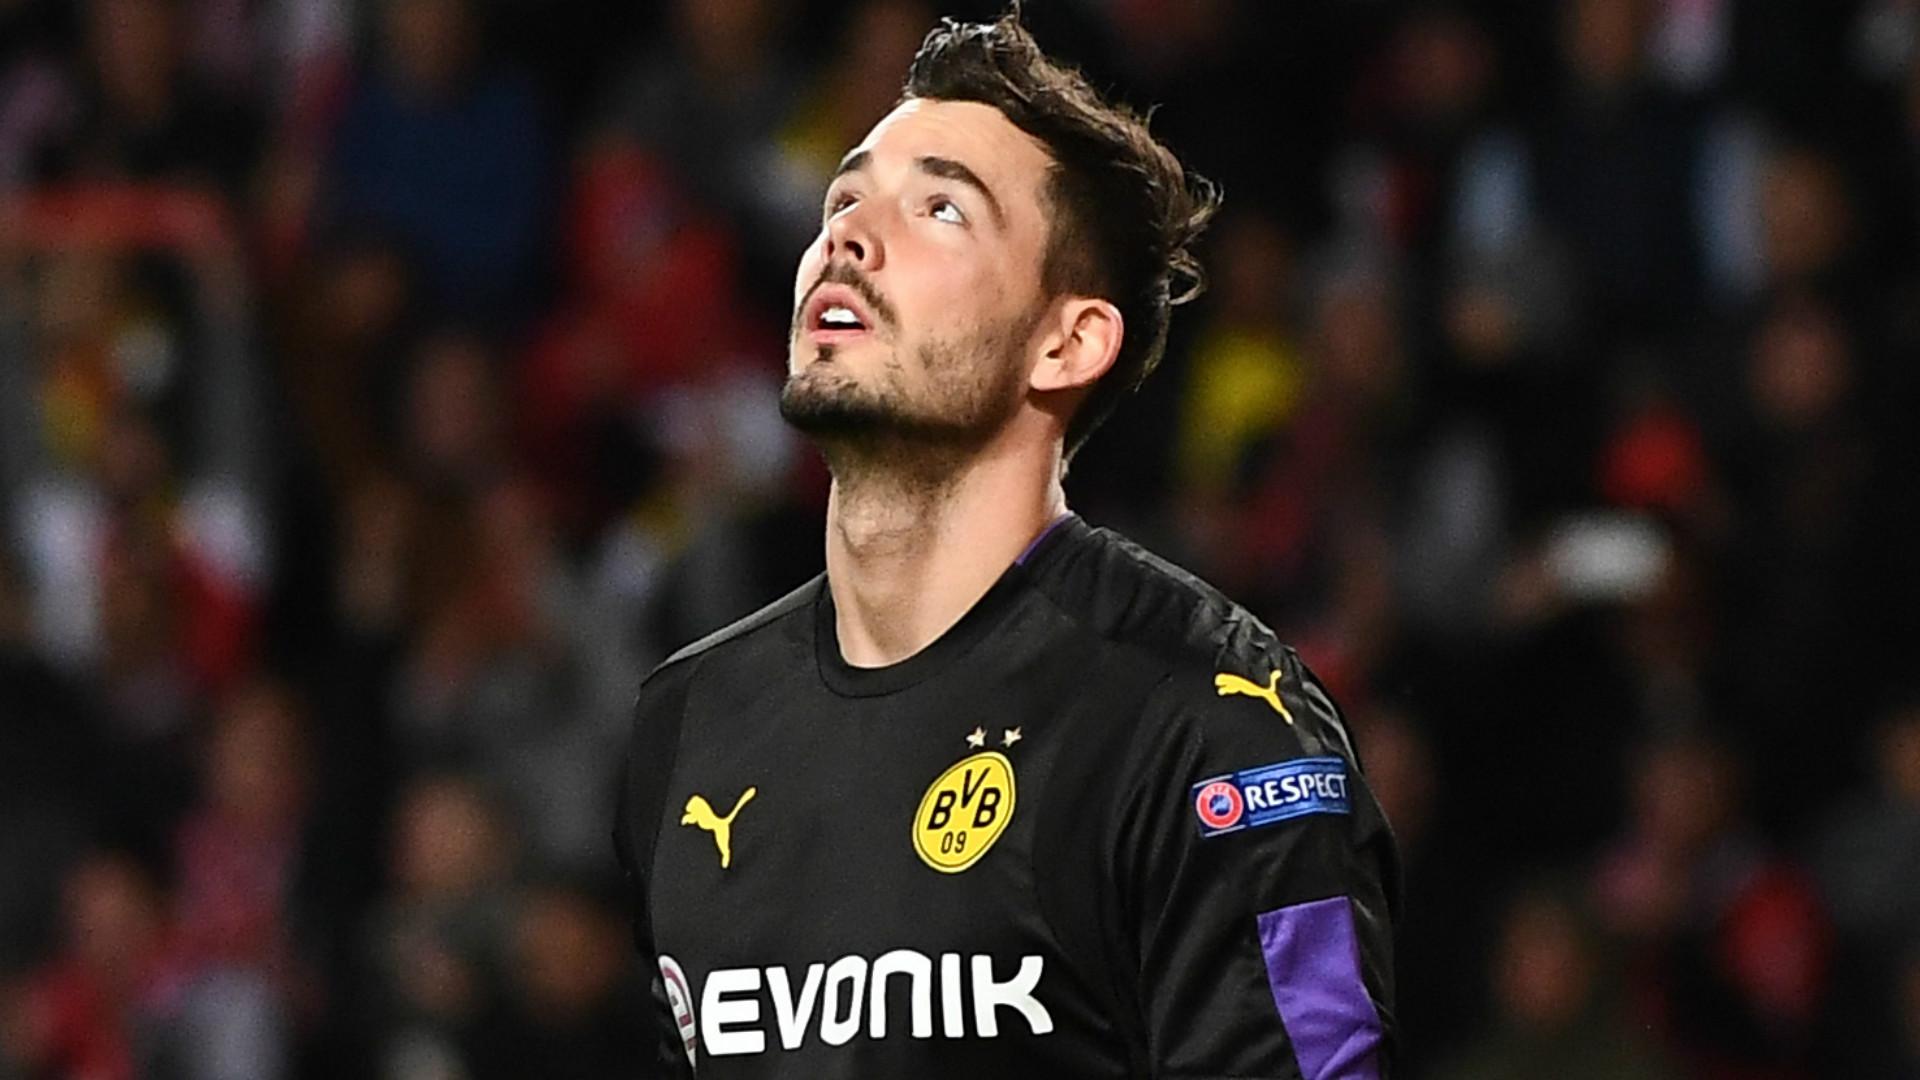 OFFICIEL - Dortmund prolonge Bürki jusqu'en 2021